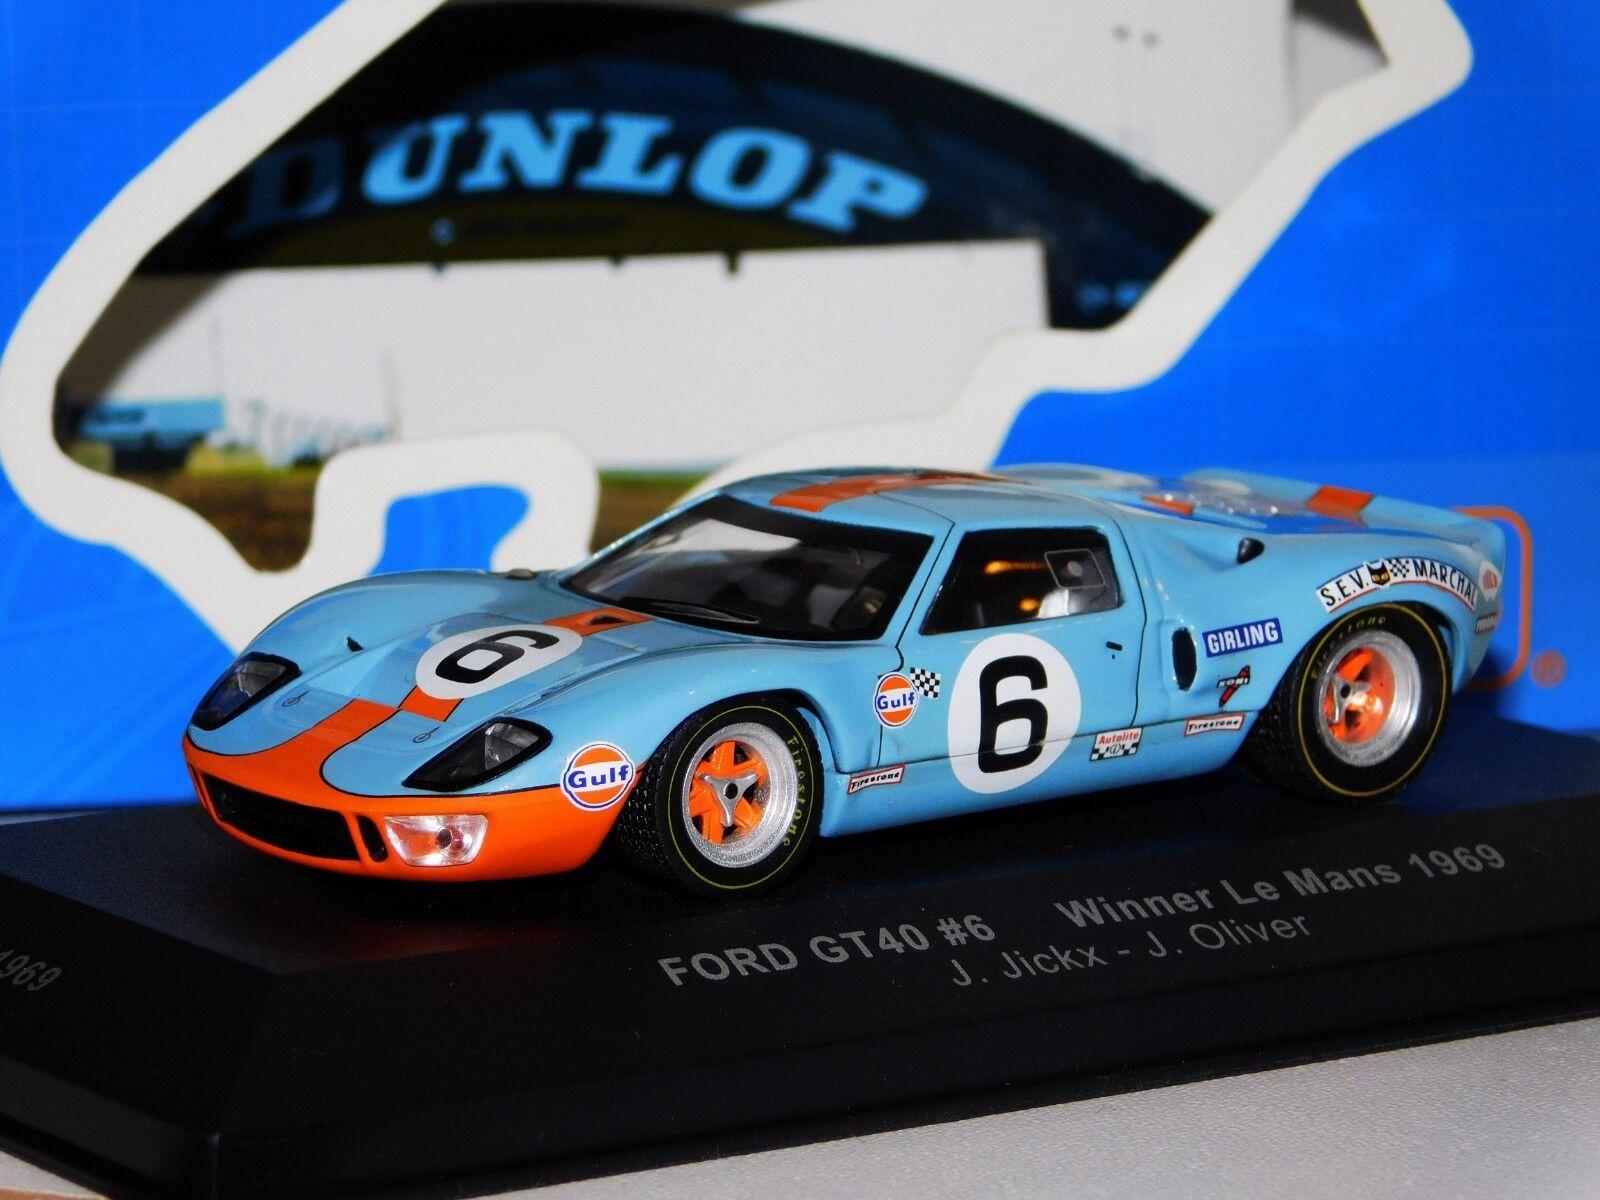 FORD GT40 GULF  6 WINNER LE MANS 1969 IXO LM1969 1 43